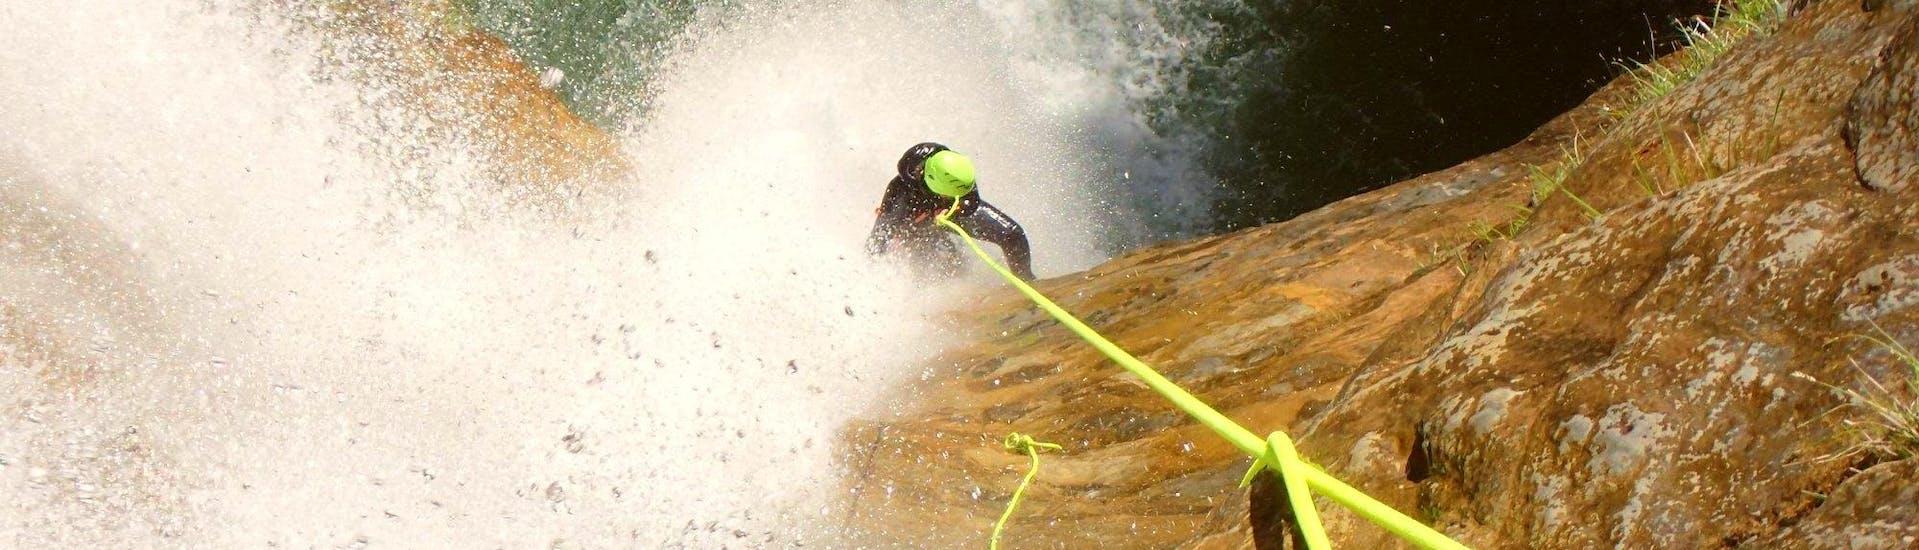 Ein Teilnehmer des Canyoning im Torrente Vione, das von Skyclimber organisiert wurde, steht vor der 45 Meter hohen Abseil.